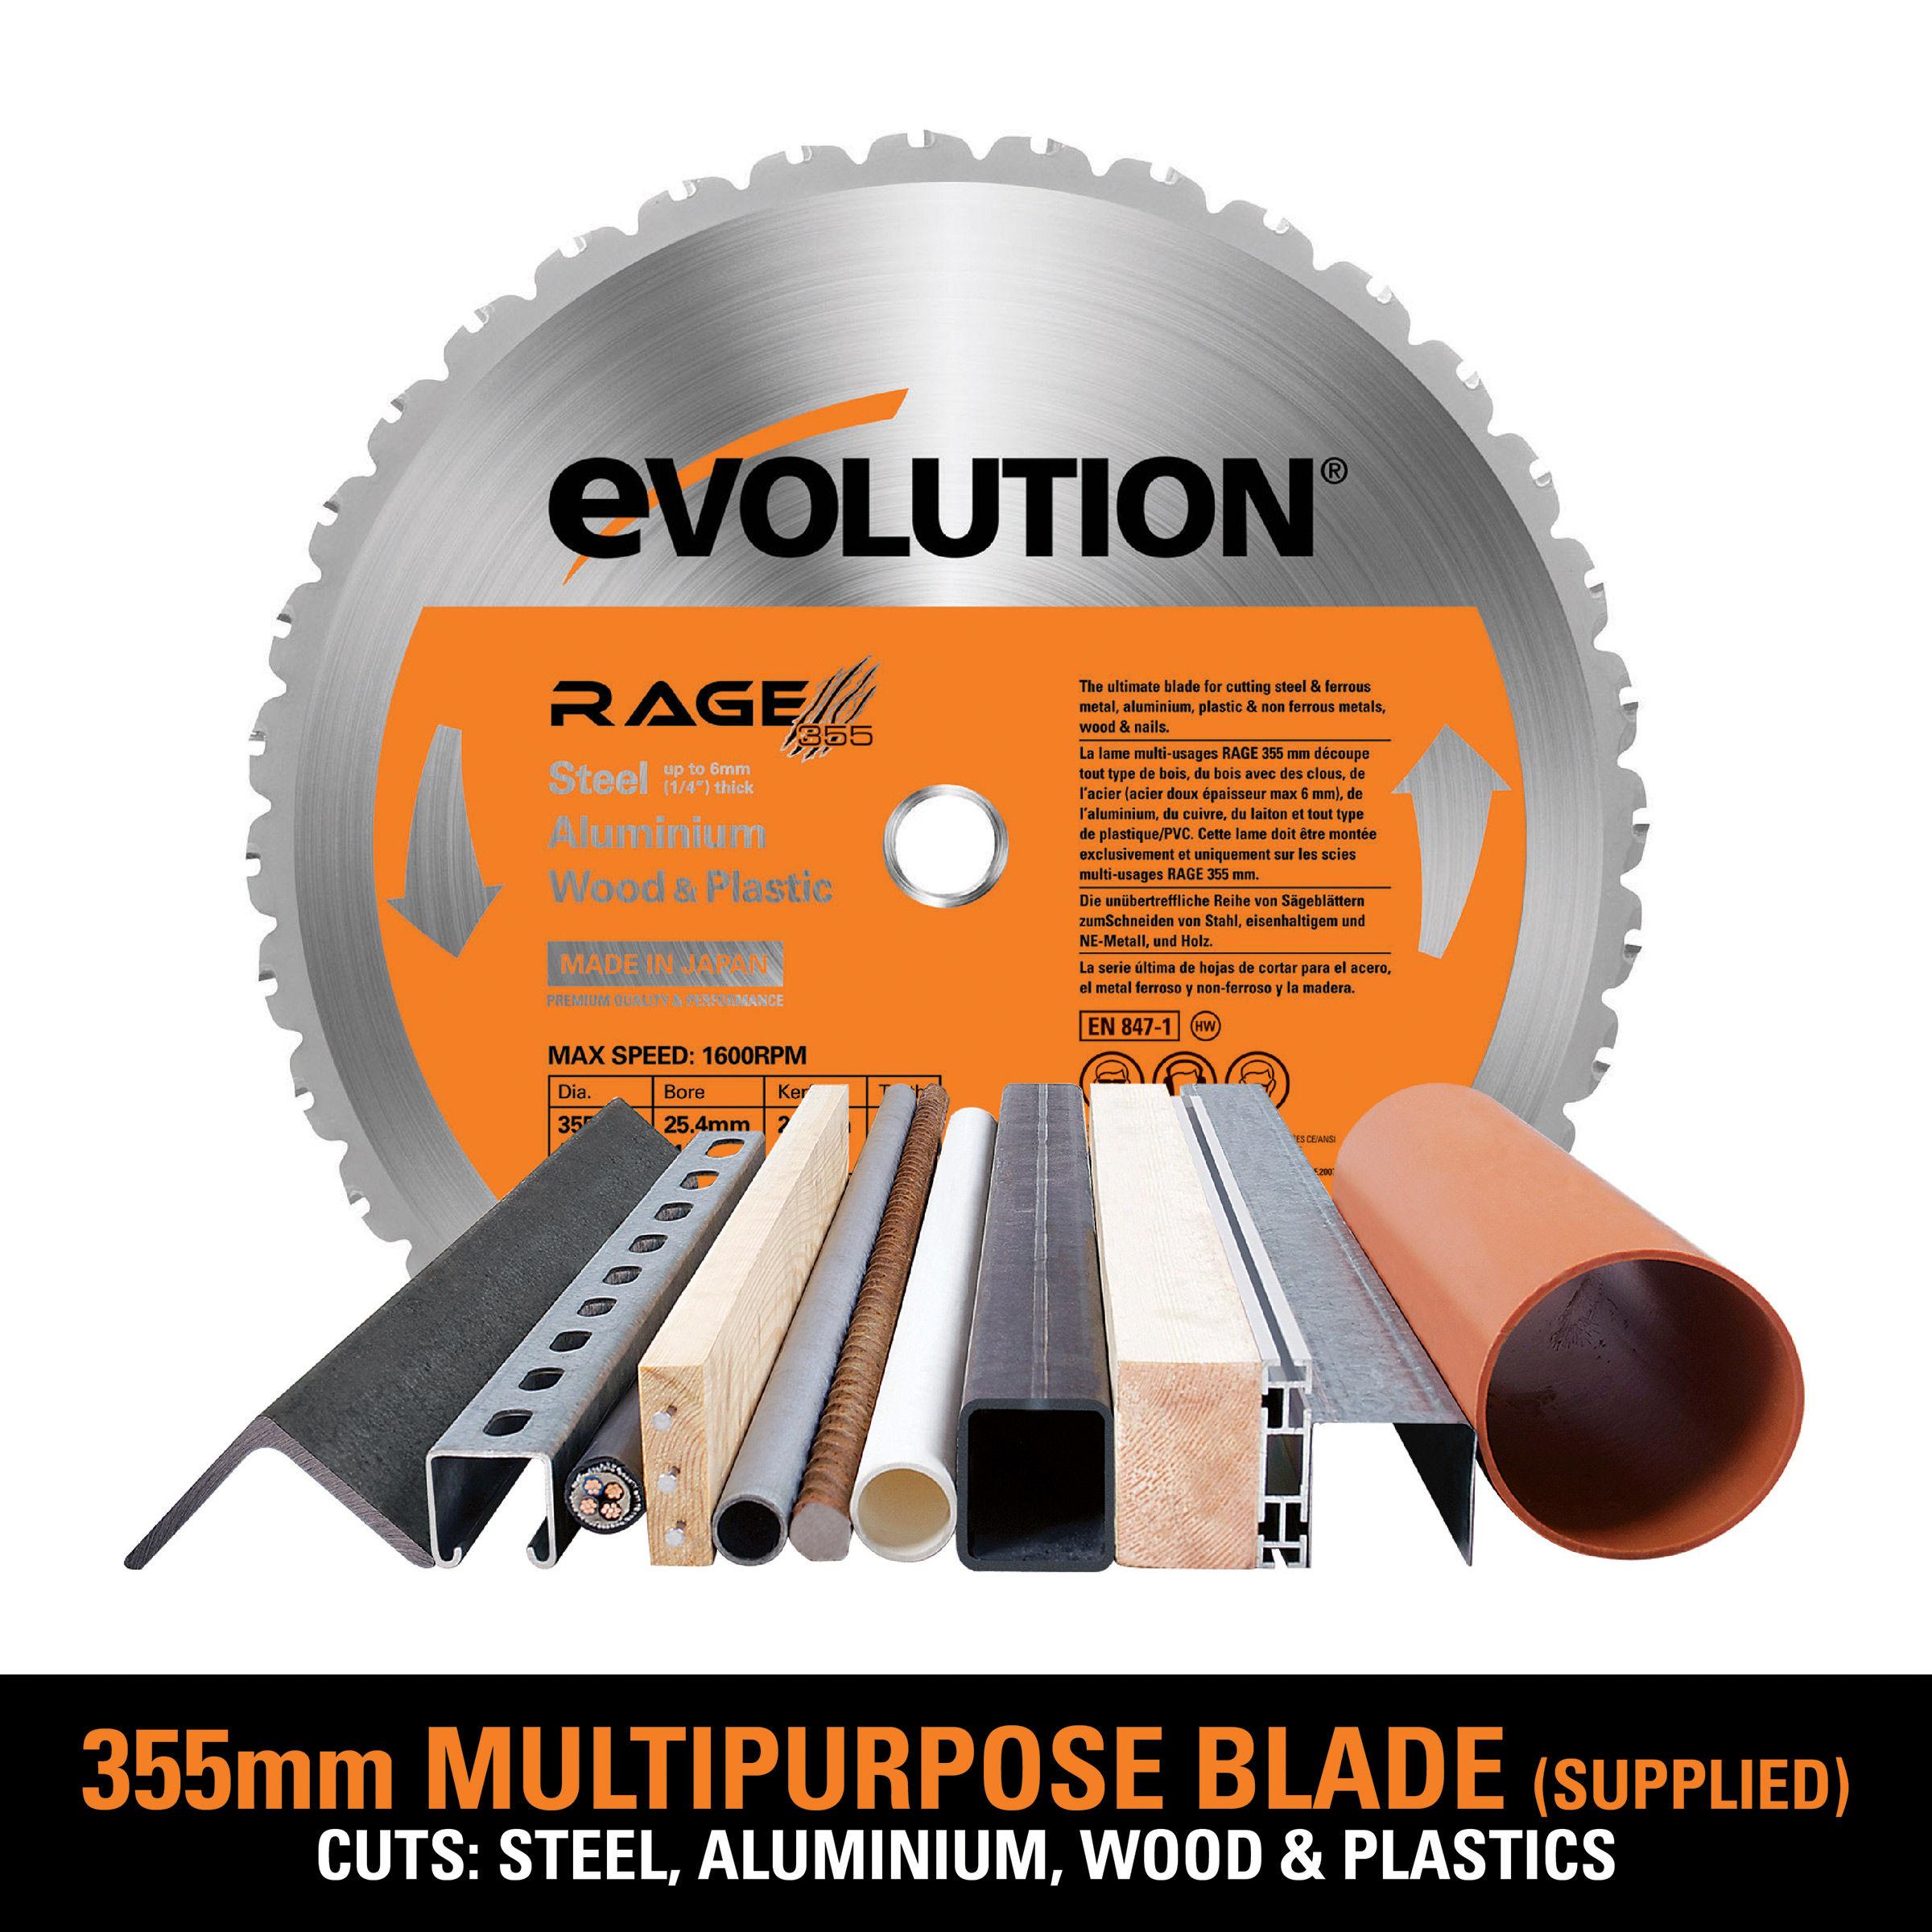 Evolution RAGE2 TCT Multipurpose Chop Saw 355mm / 14 Inch 240V